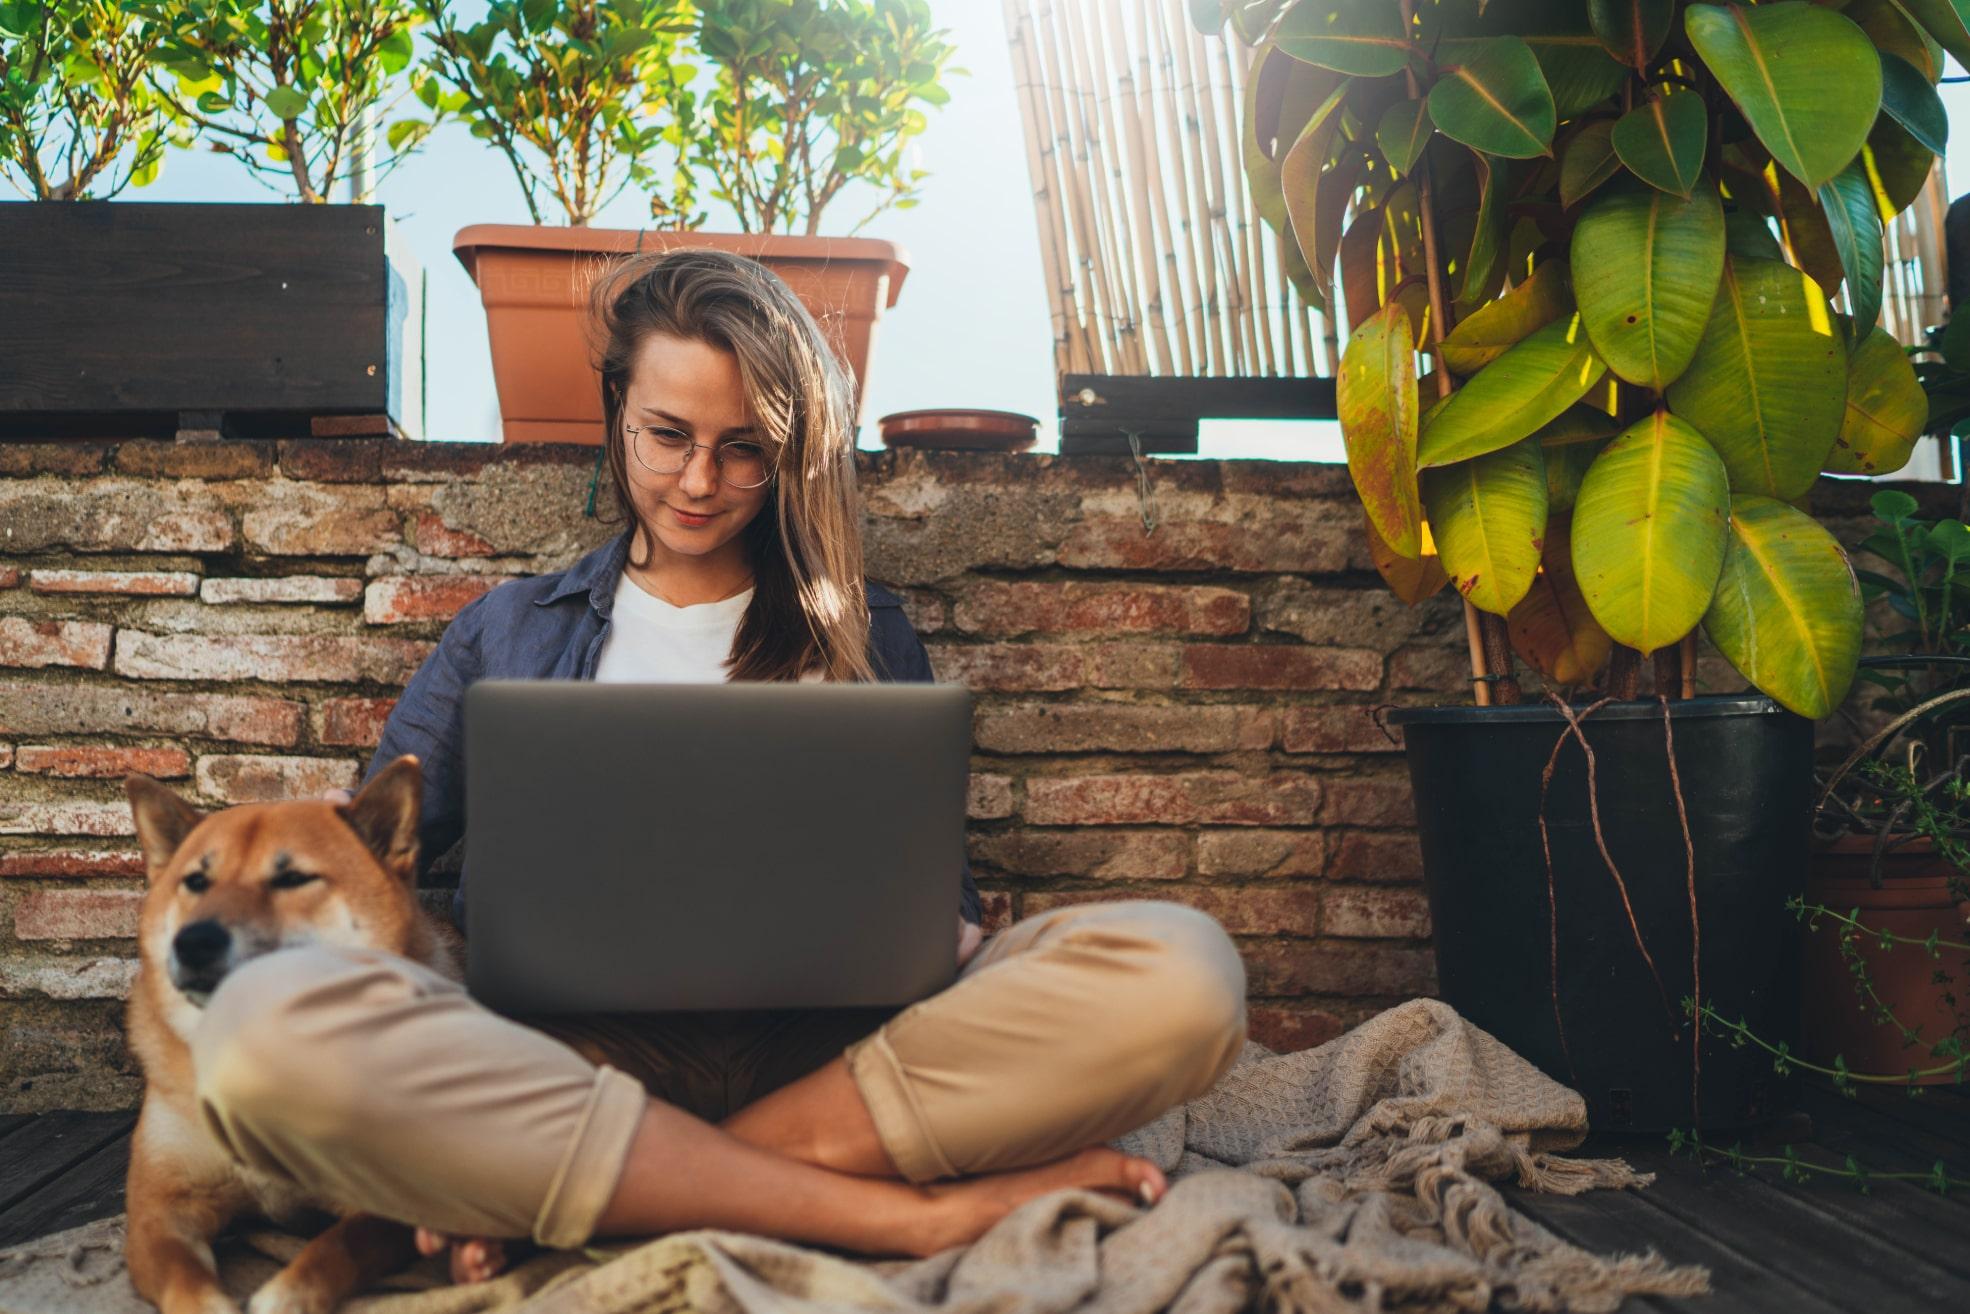 Estruturando um planejamento estratégico de vendas em 3 passos